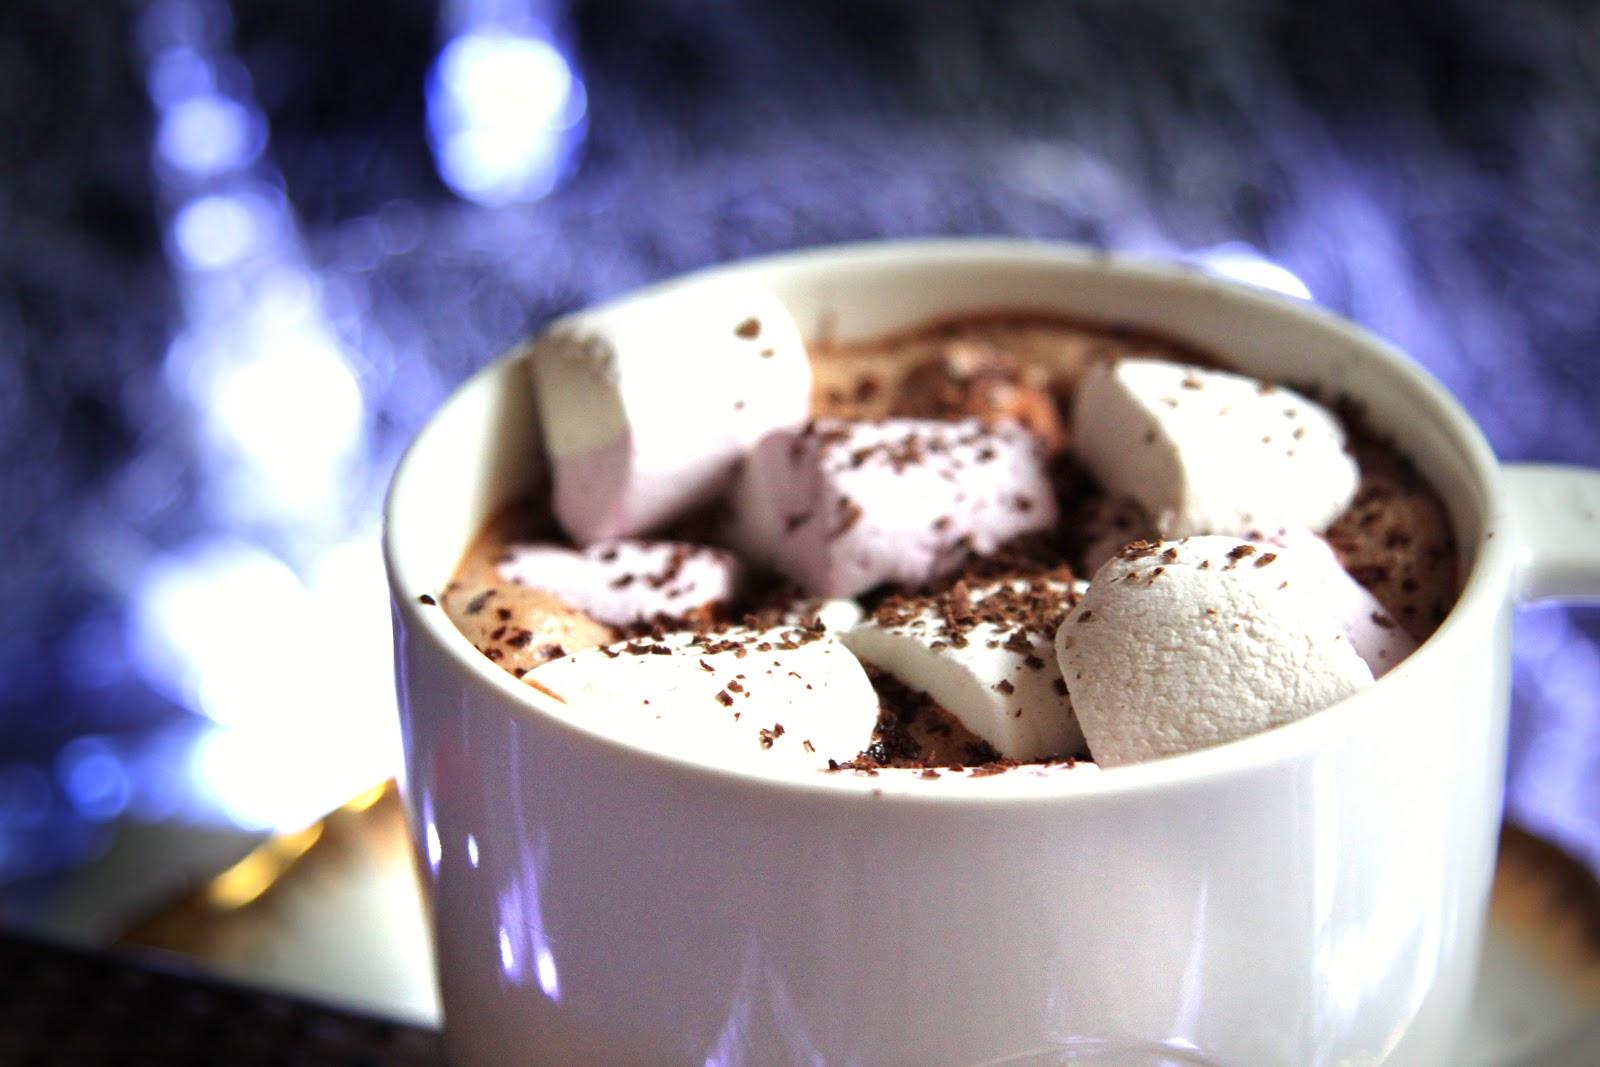 Joannna: Zimowy umilacz - gorąca czekolada